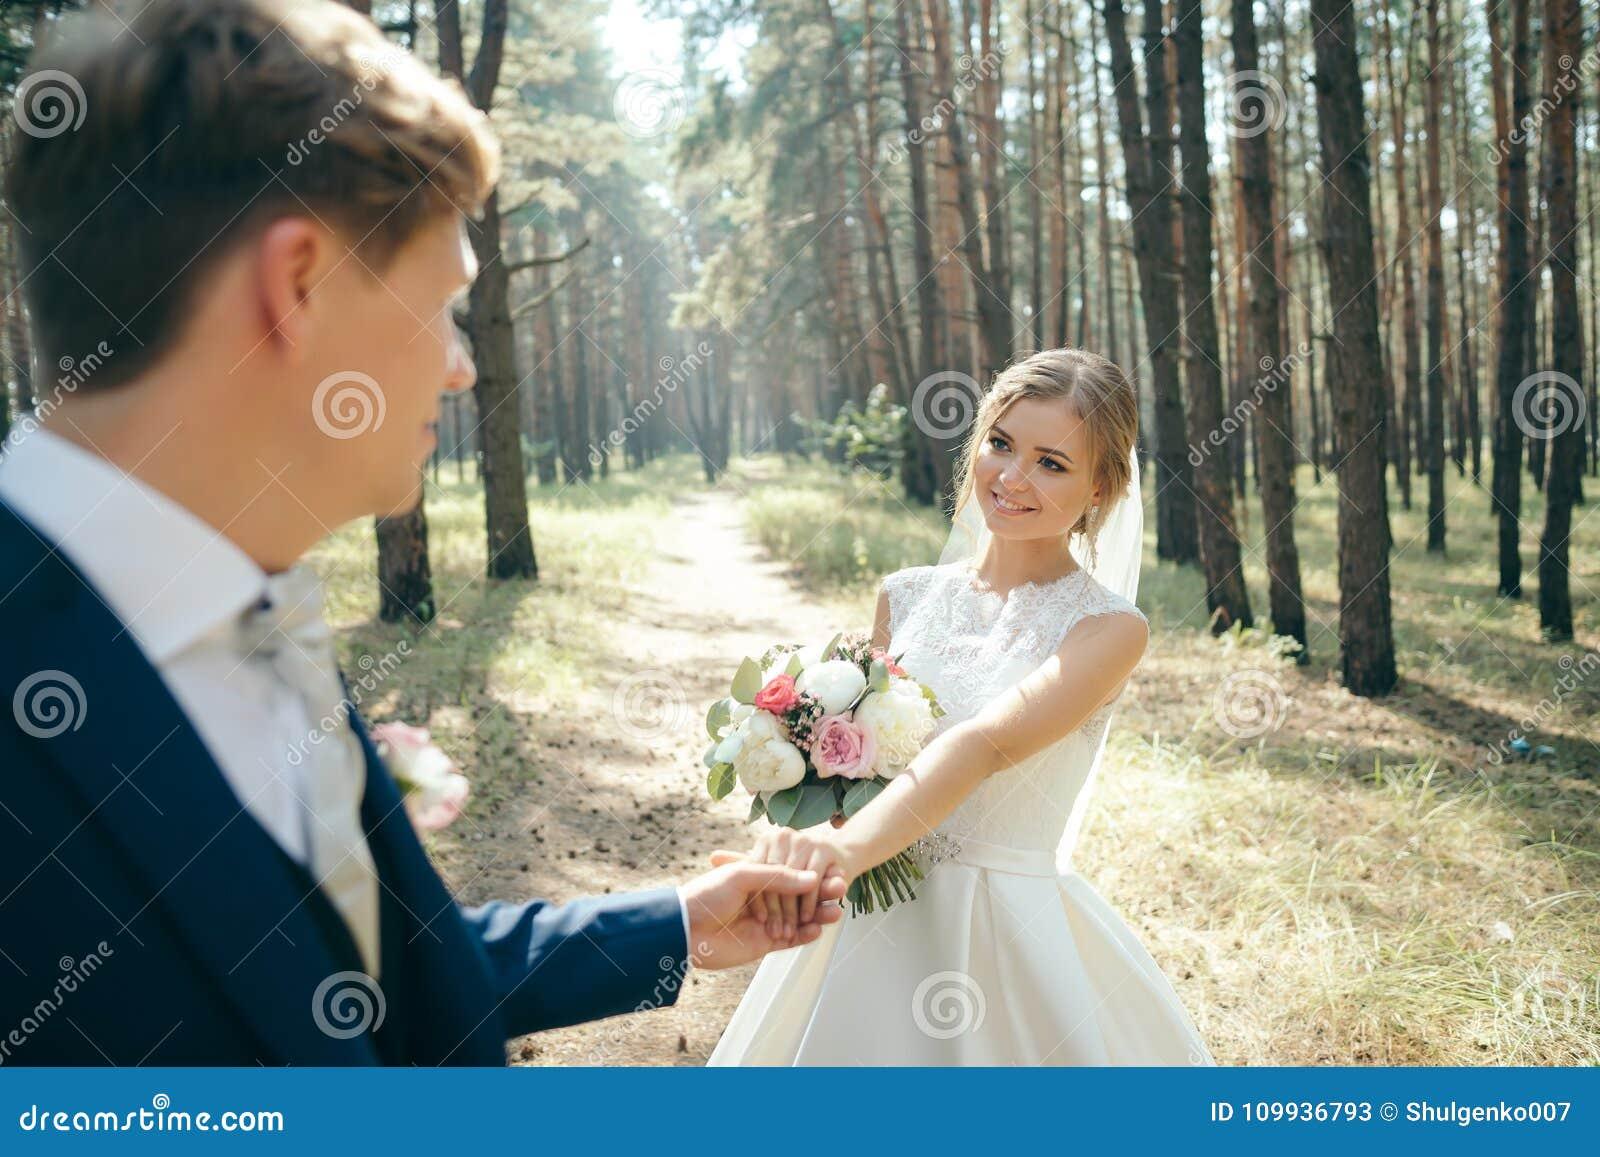 新娘和新郎在婚礼礼服在自然本底 衣物夫妇日愉快的葡萄酒婚礼 新婚佳偶通过森林走